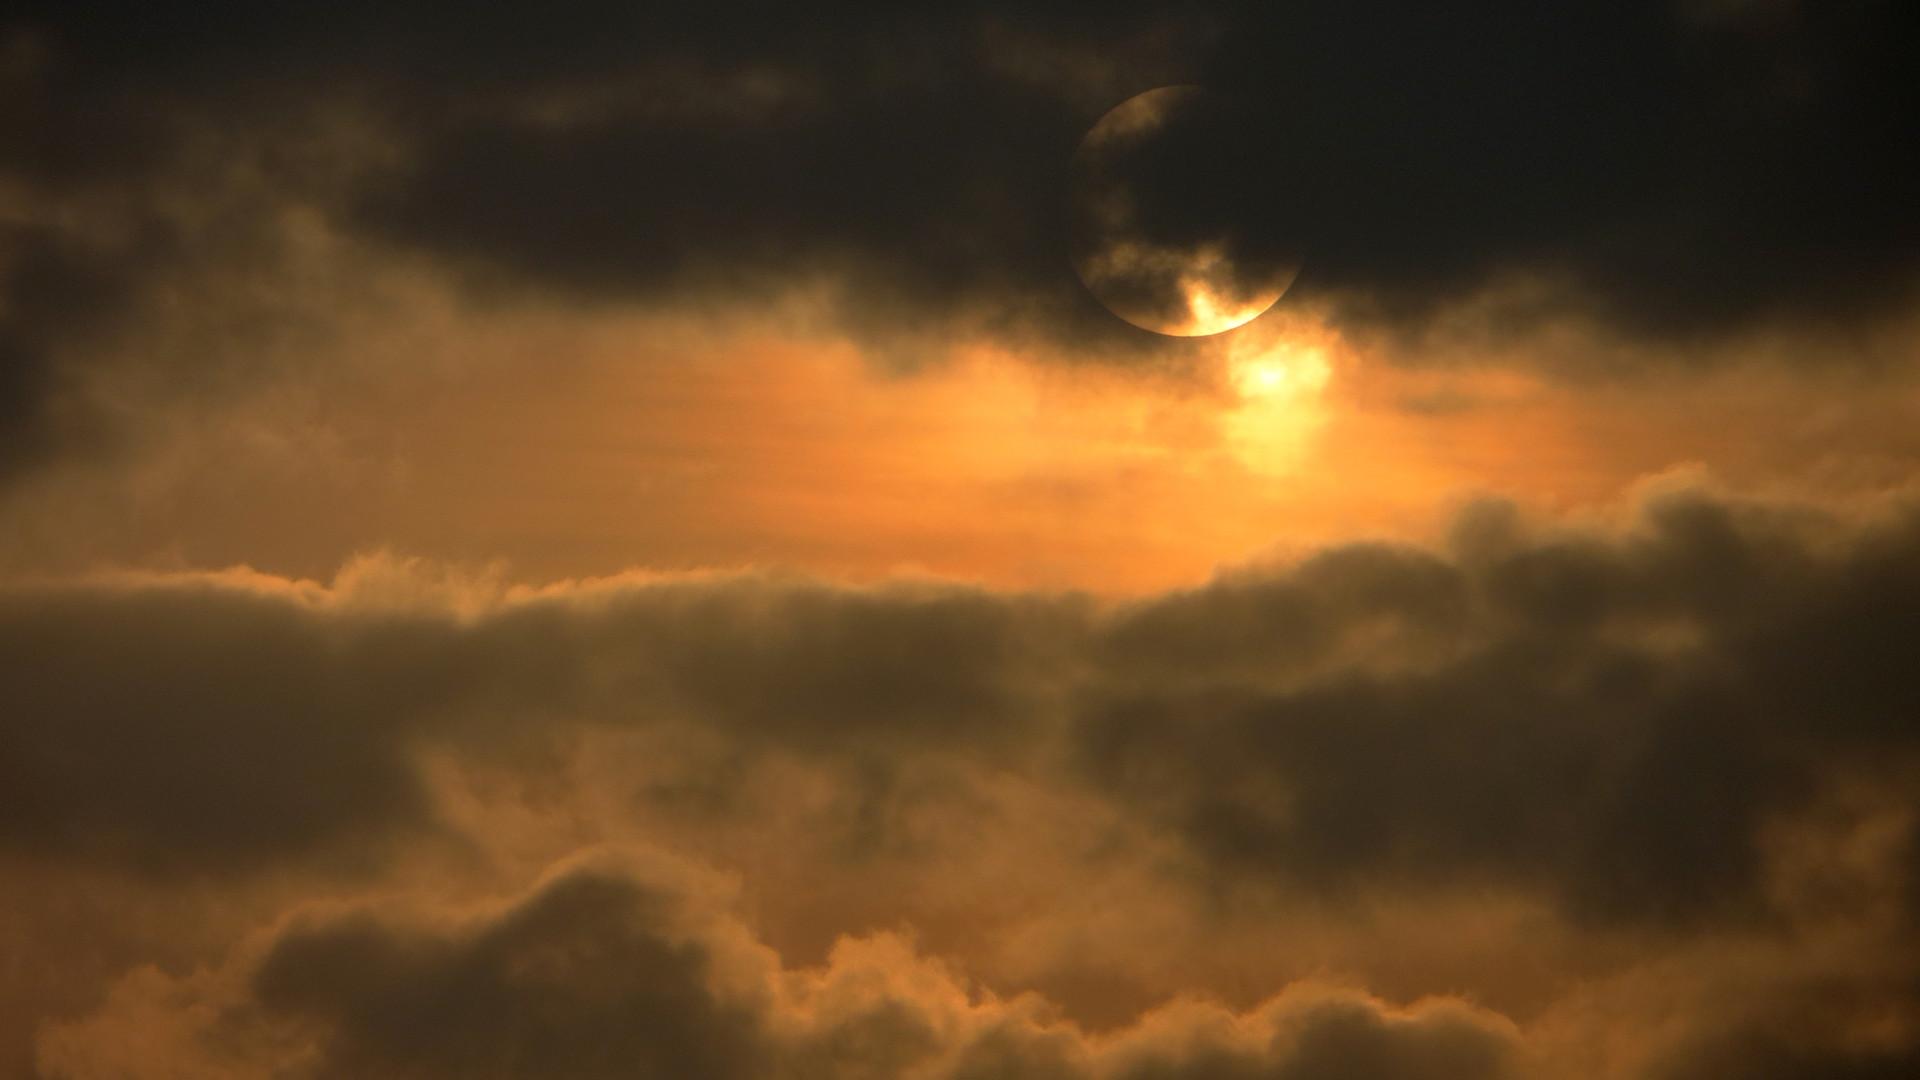 Soleil caché derrière un nuage